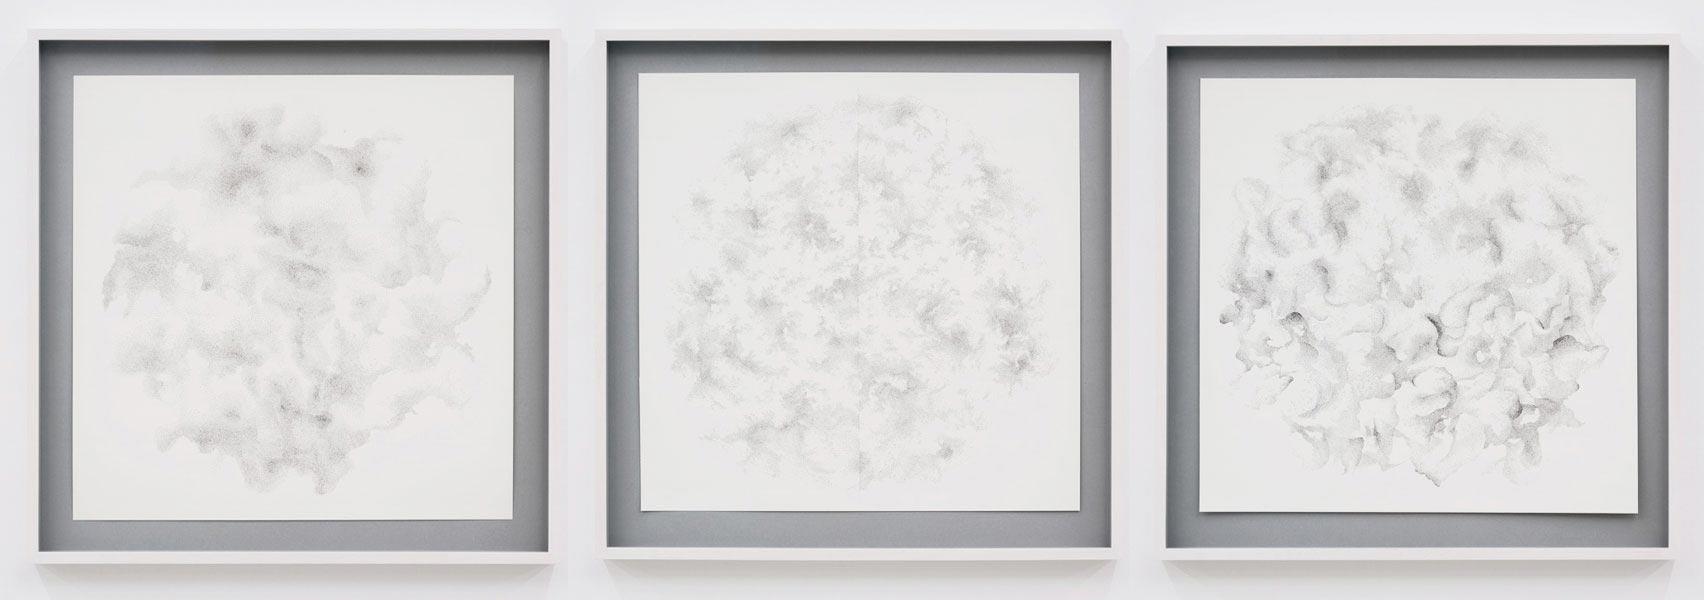 C Drawings, 2009; ink on paper, each 55 x 55 cm